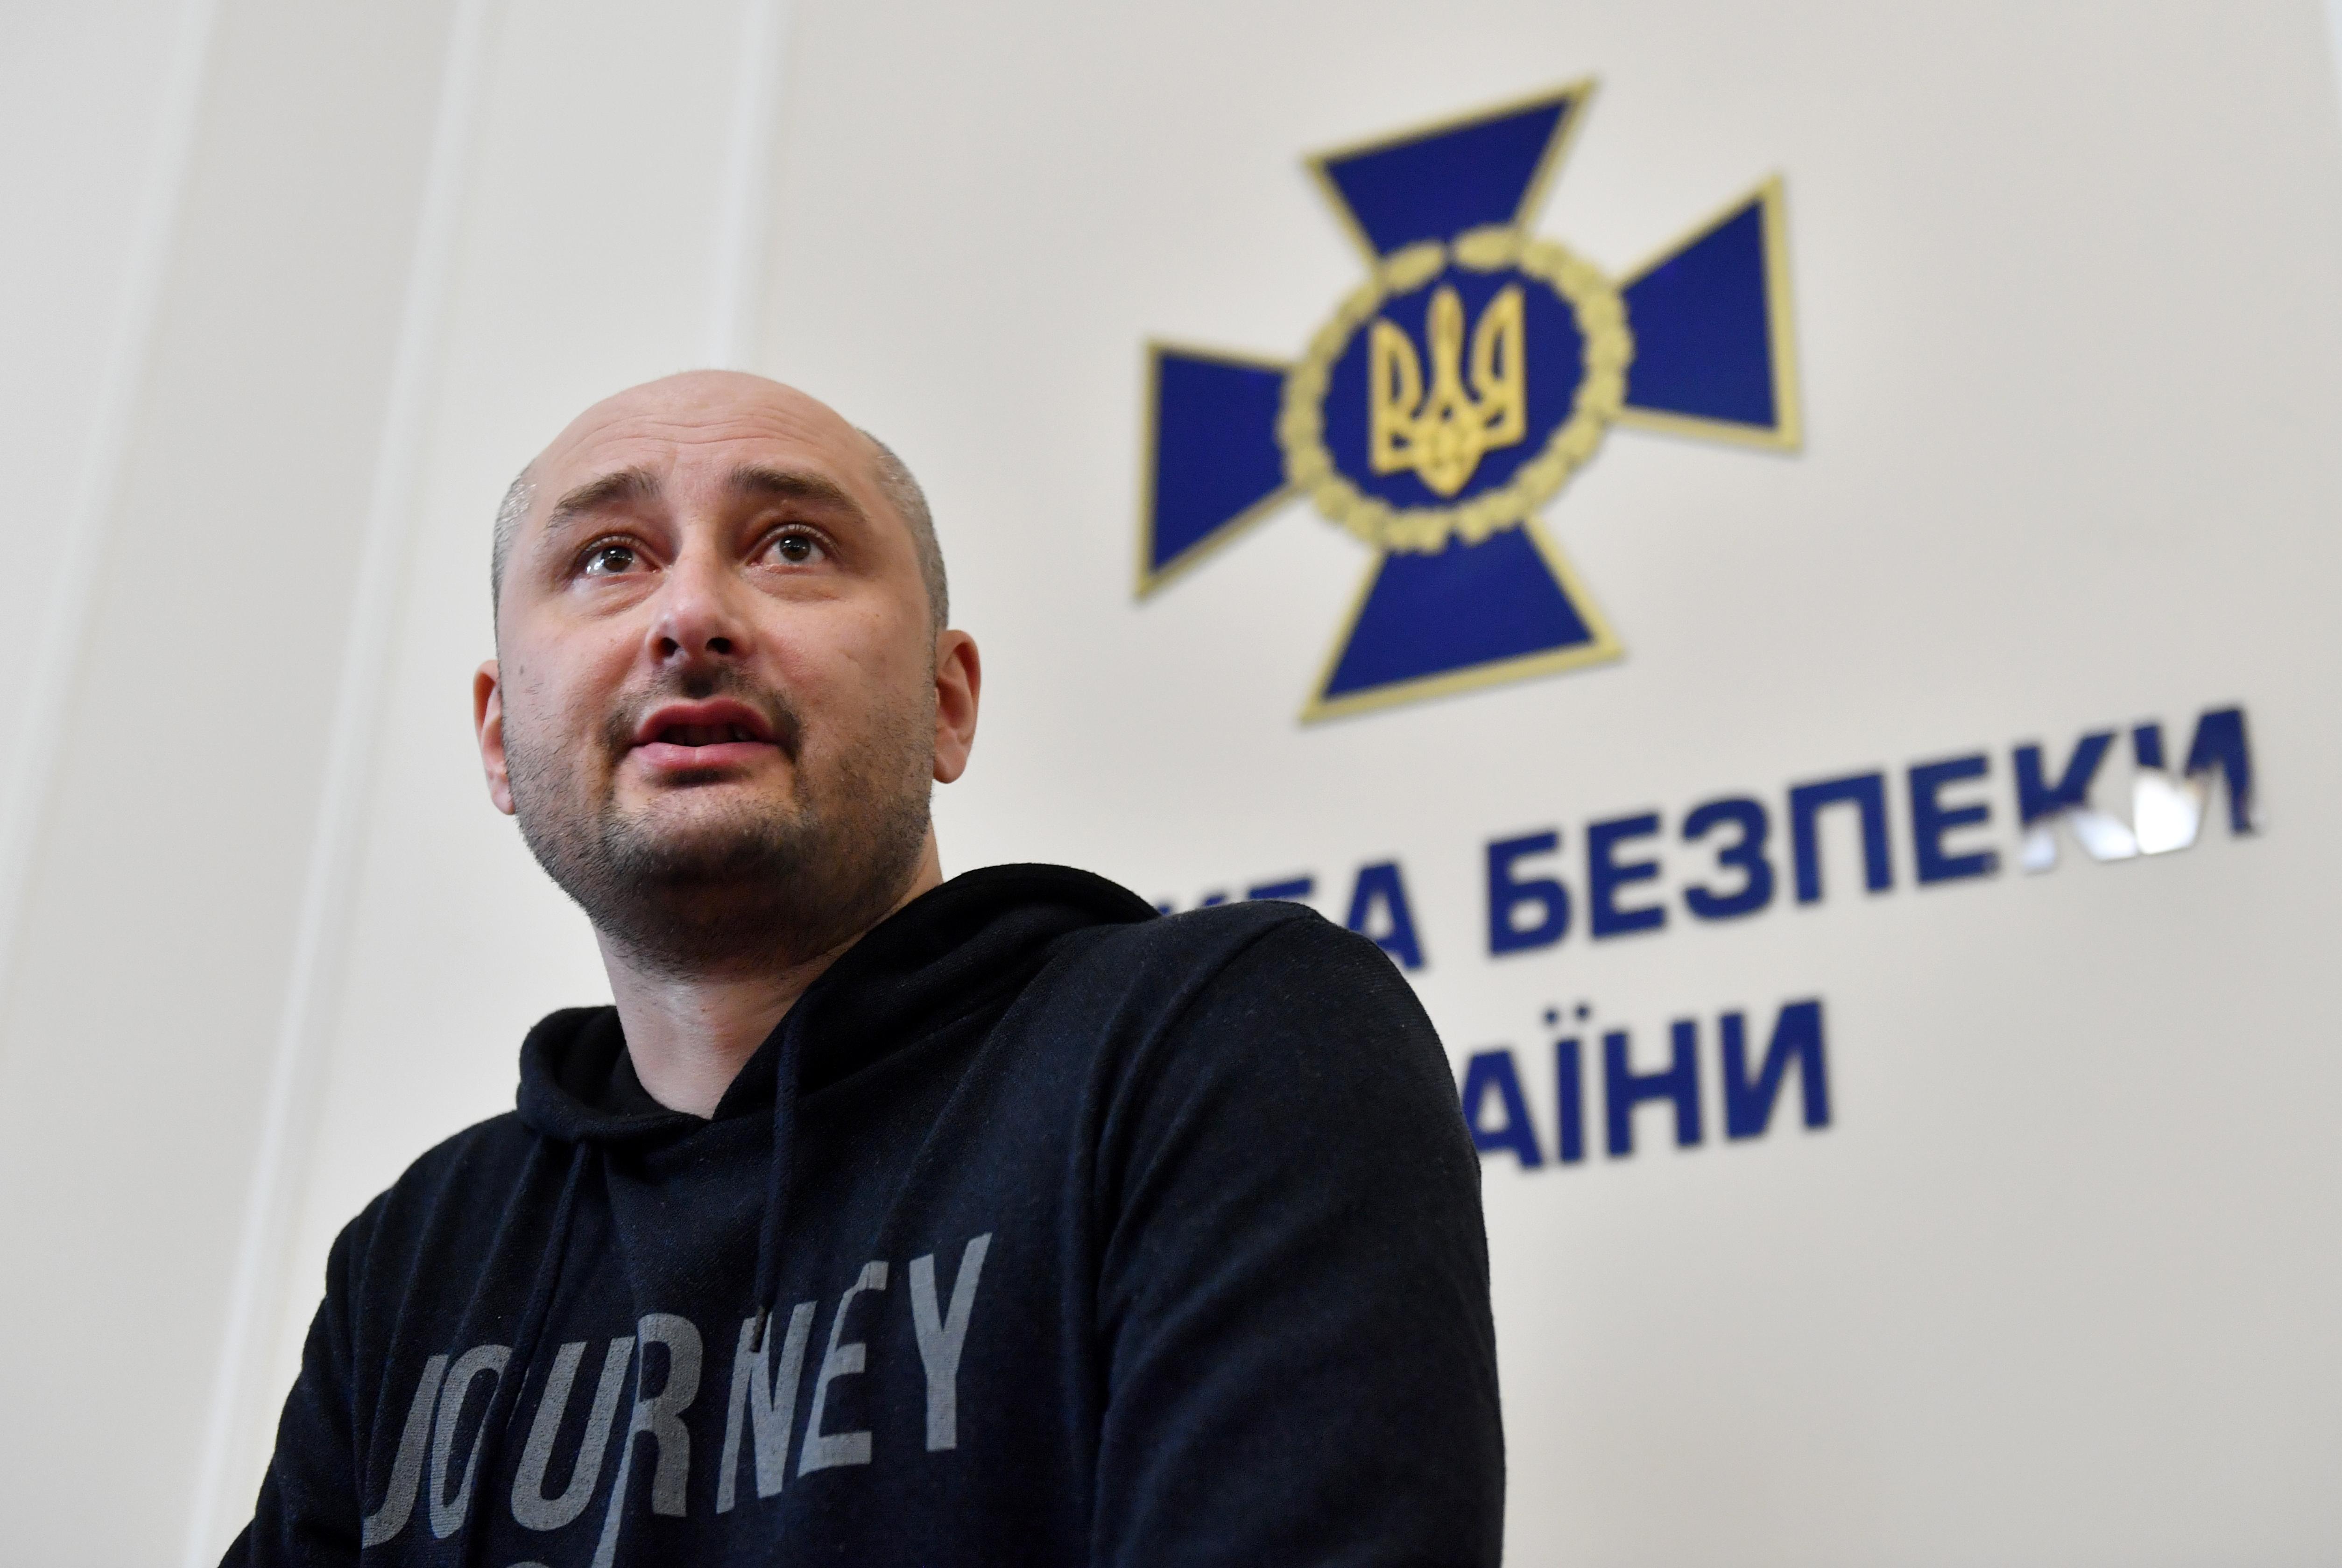 Babcsenko 50 ezer dollárt kér egy exkluzív interjúért